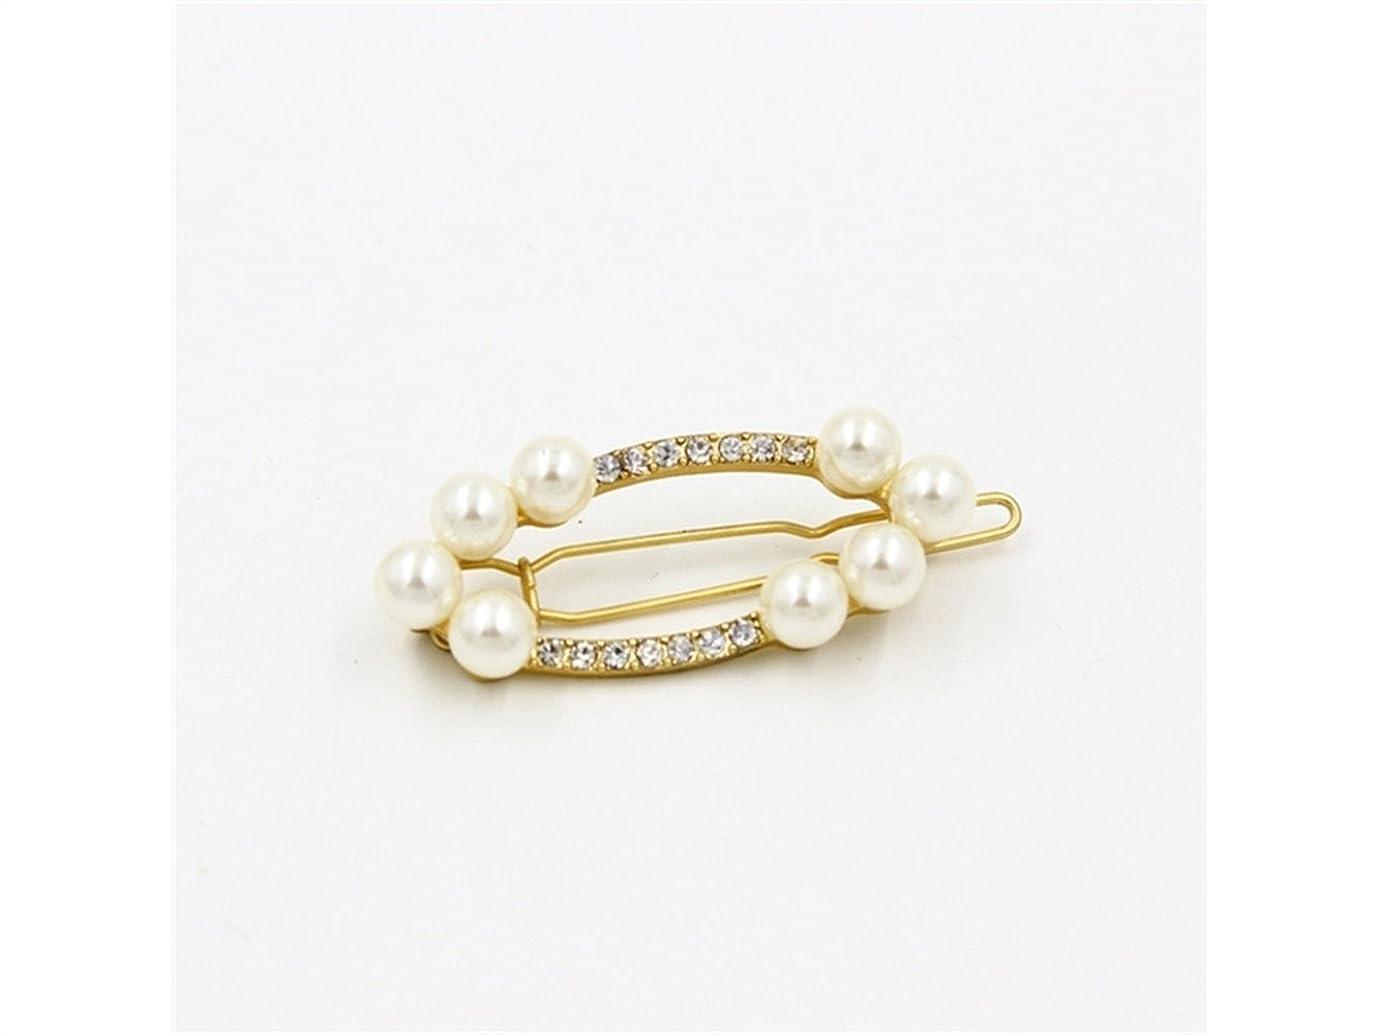 うっかり洗う輪郭Osize 美しいスタイル 真珠の宝石魅惑的なゴールドヘアクリップサイドクリップヘアピンヘアアクセサリー(示されているように)